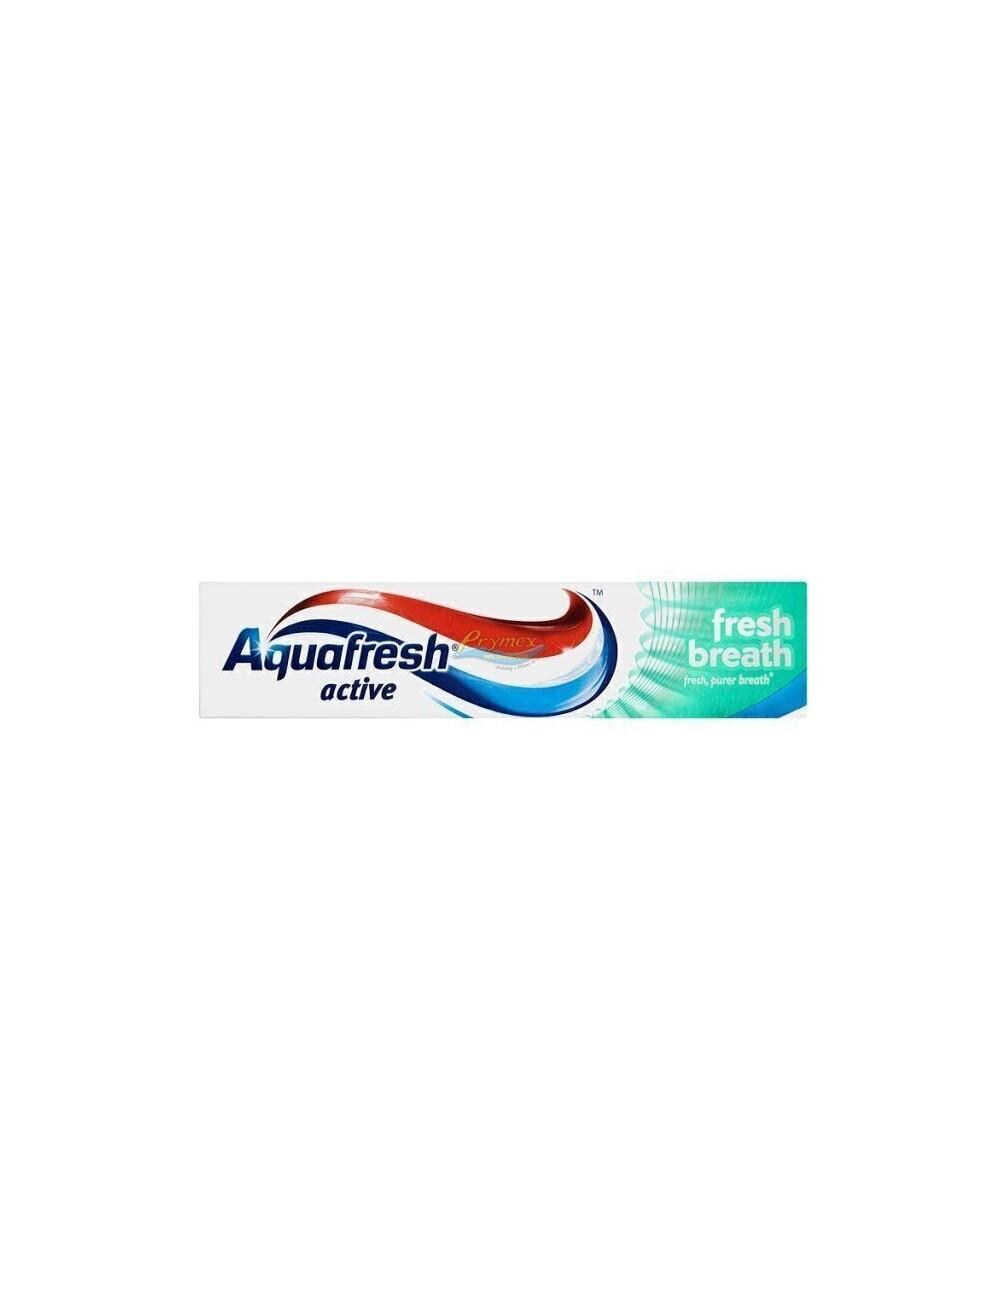 Aquafresh Active Fresh Breath Pasta do Zębów Świeży Oddech 100 ml